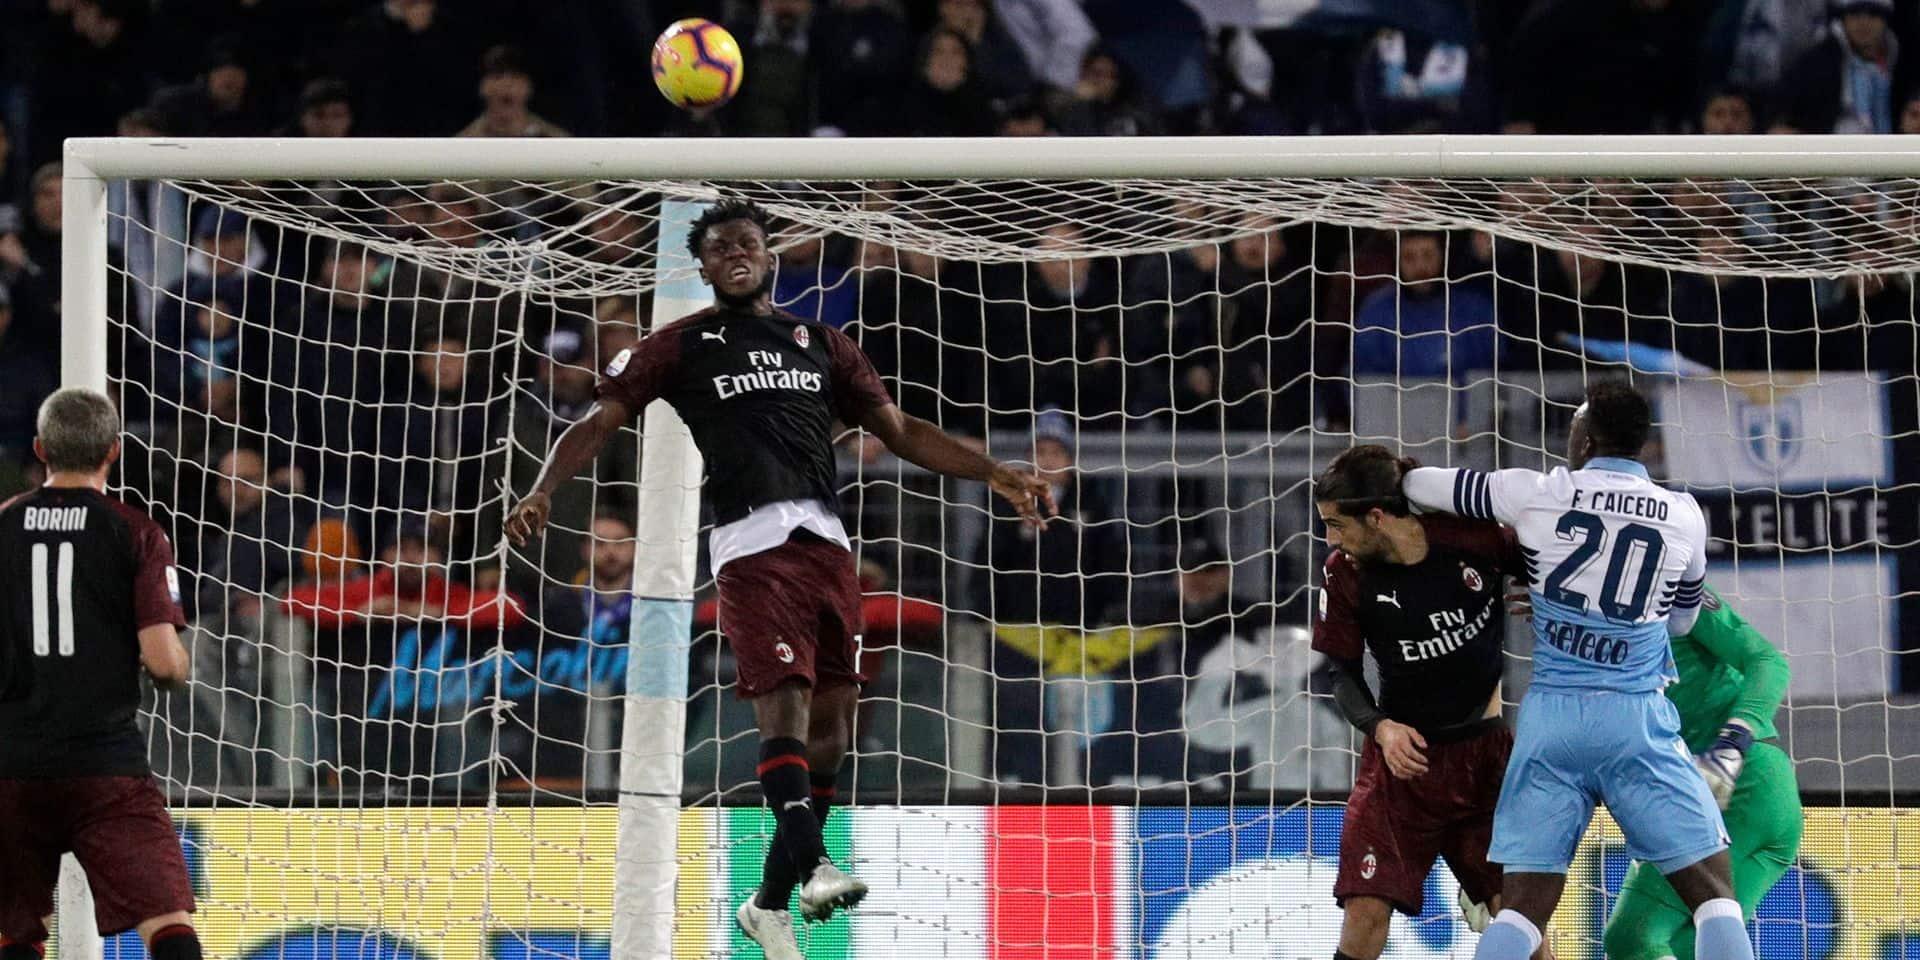 Serie A: opération nulle pour la Lazio et le Milan